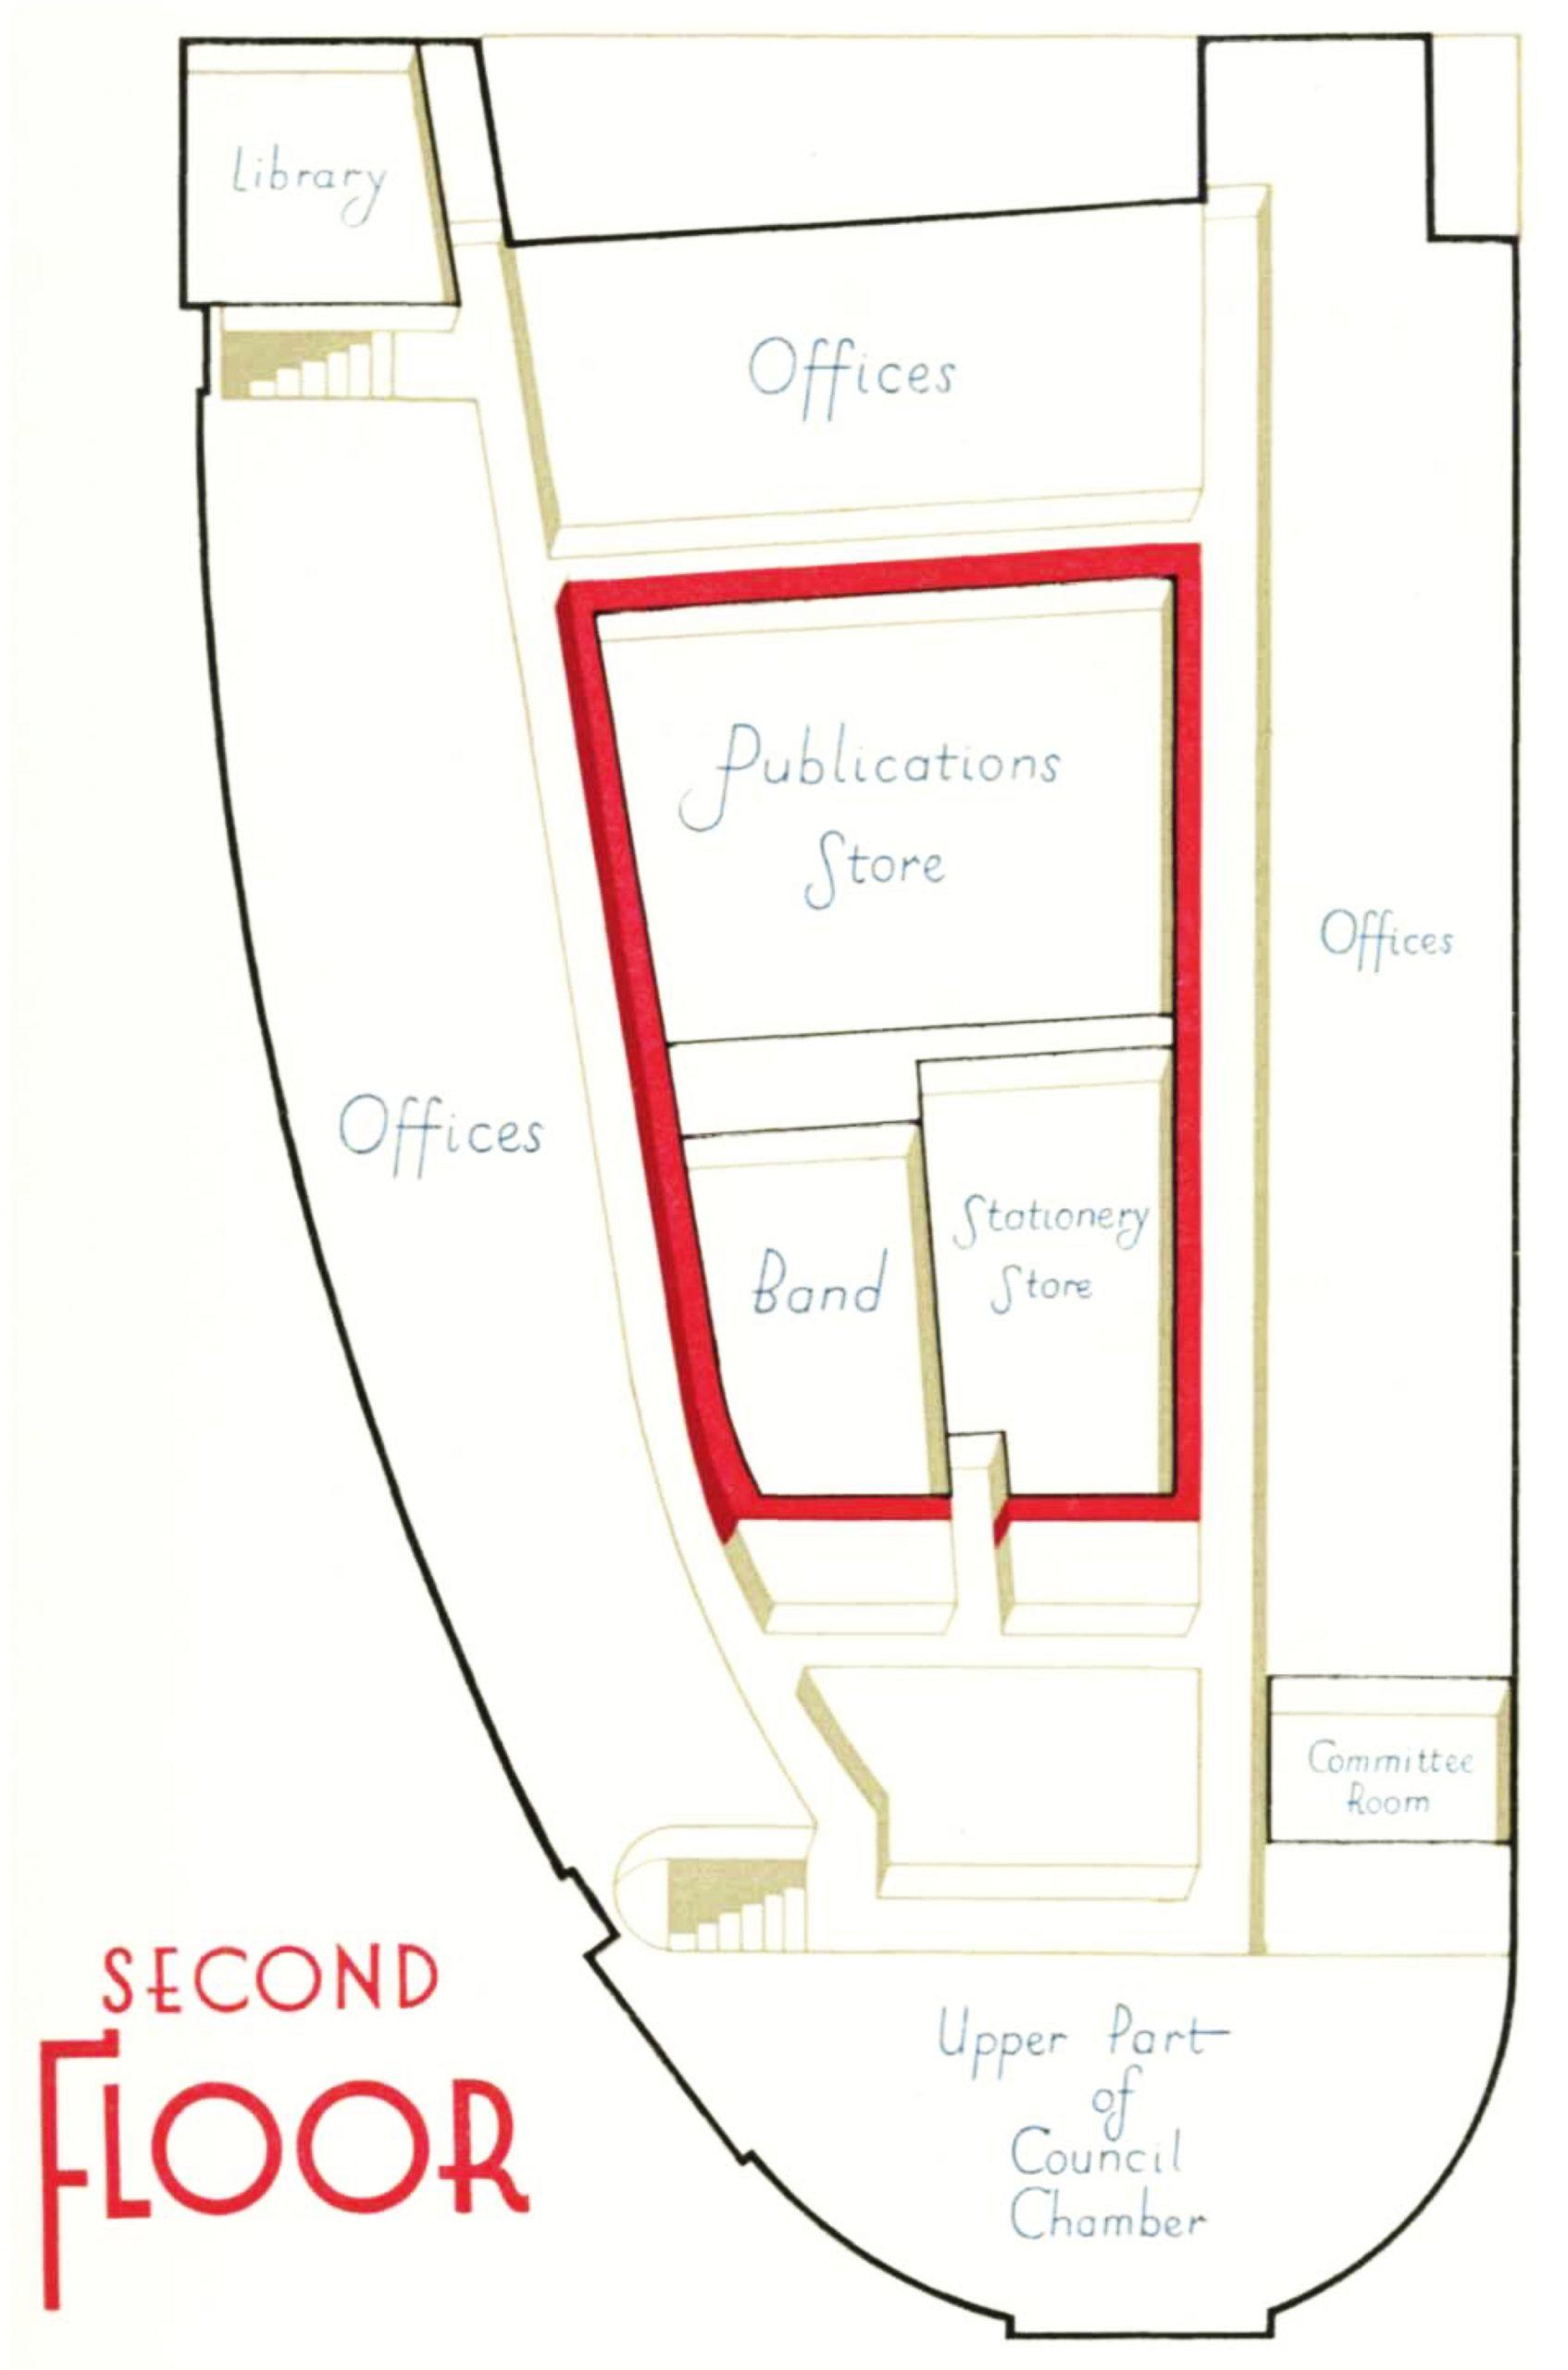 Diagram of second floor